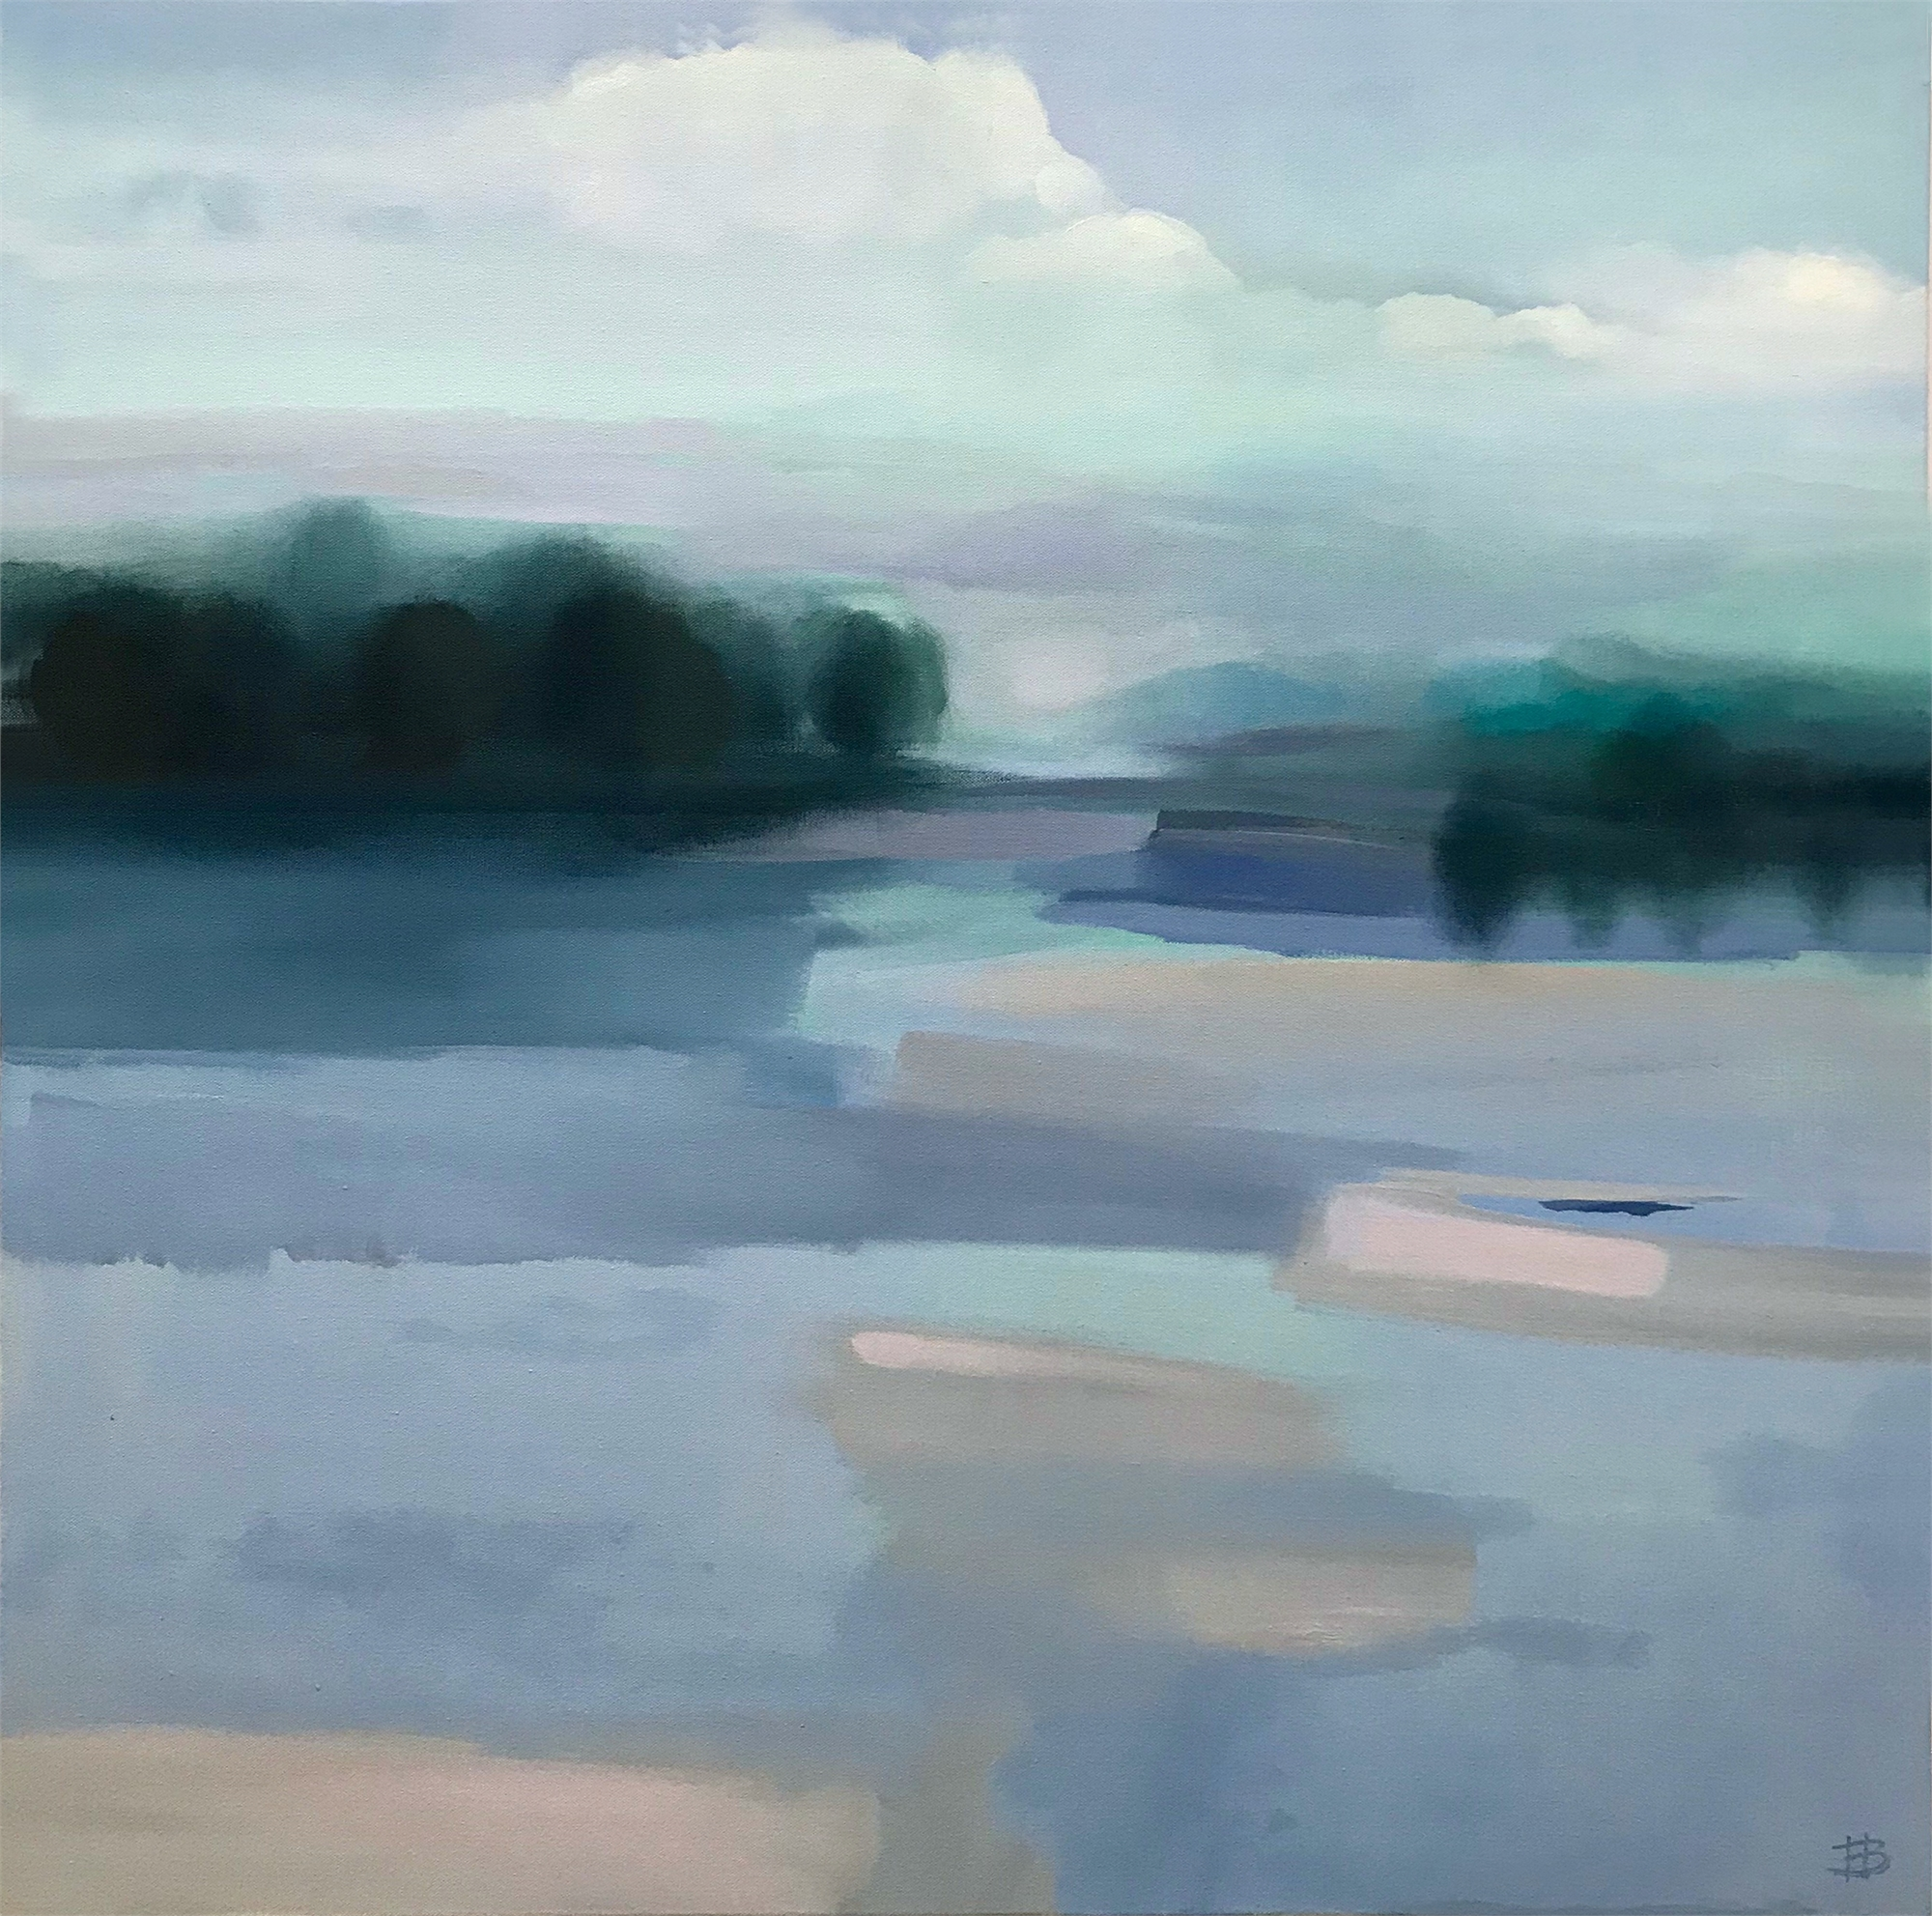 The Sky on the Horizon by Hannah Bureau